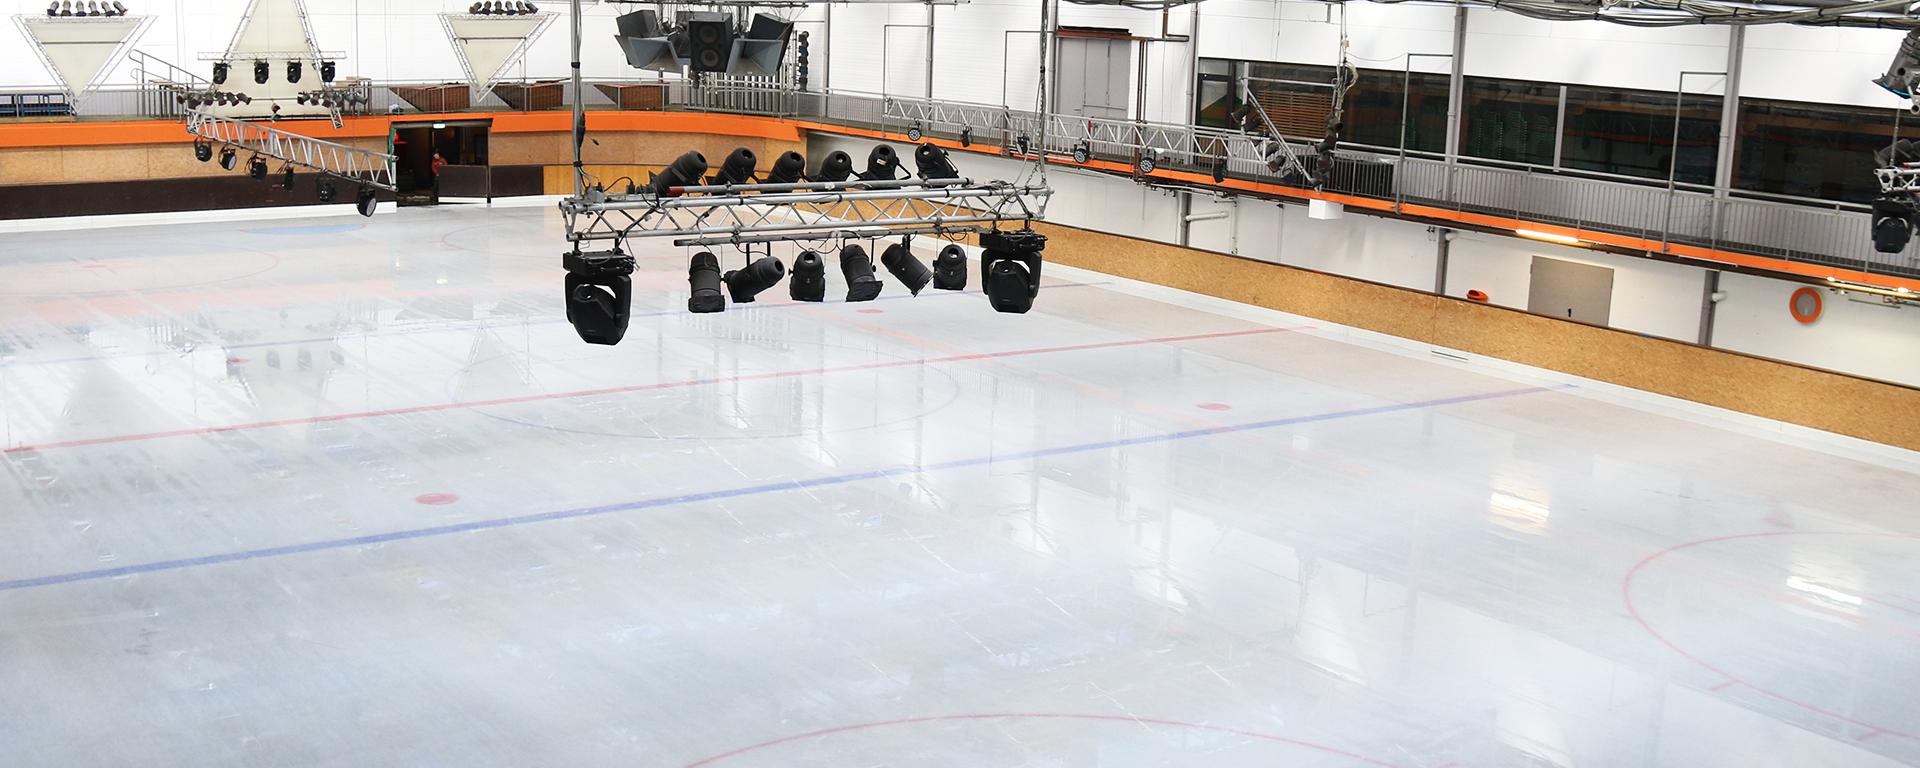 Eishalle Adelberg Schlittschuhlaufen